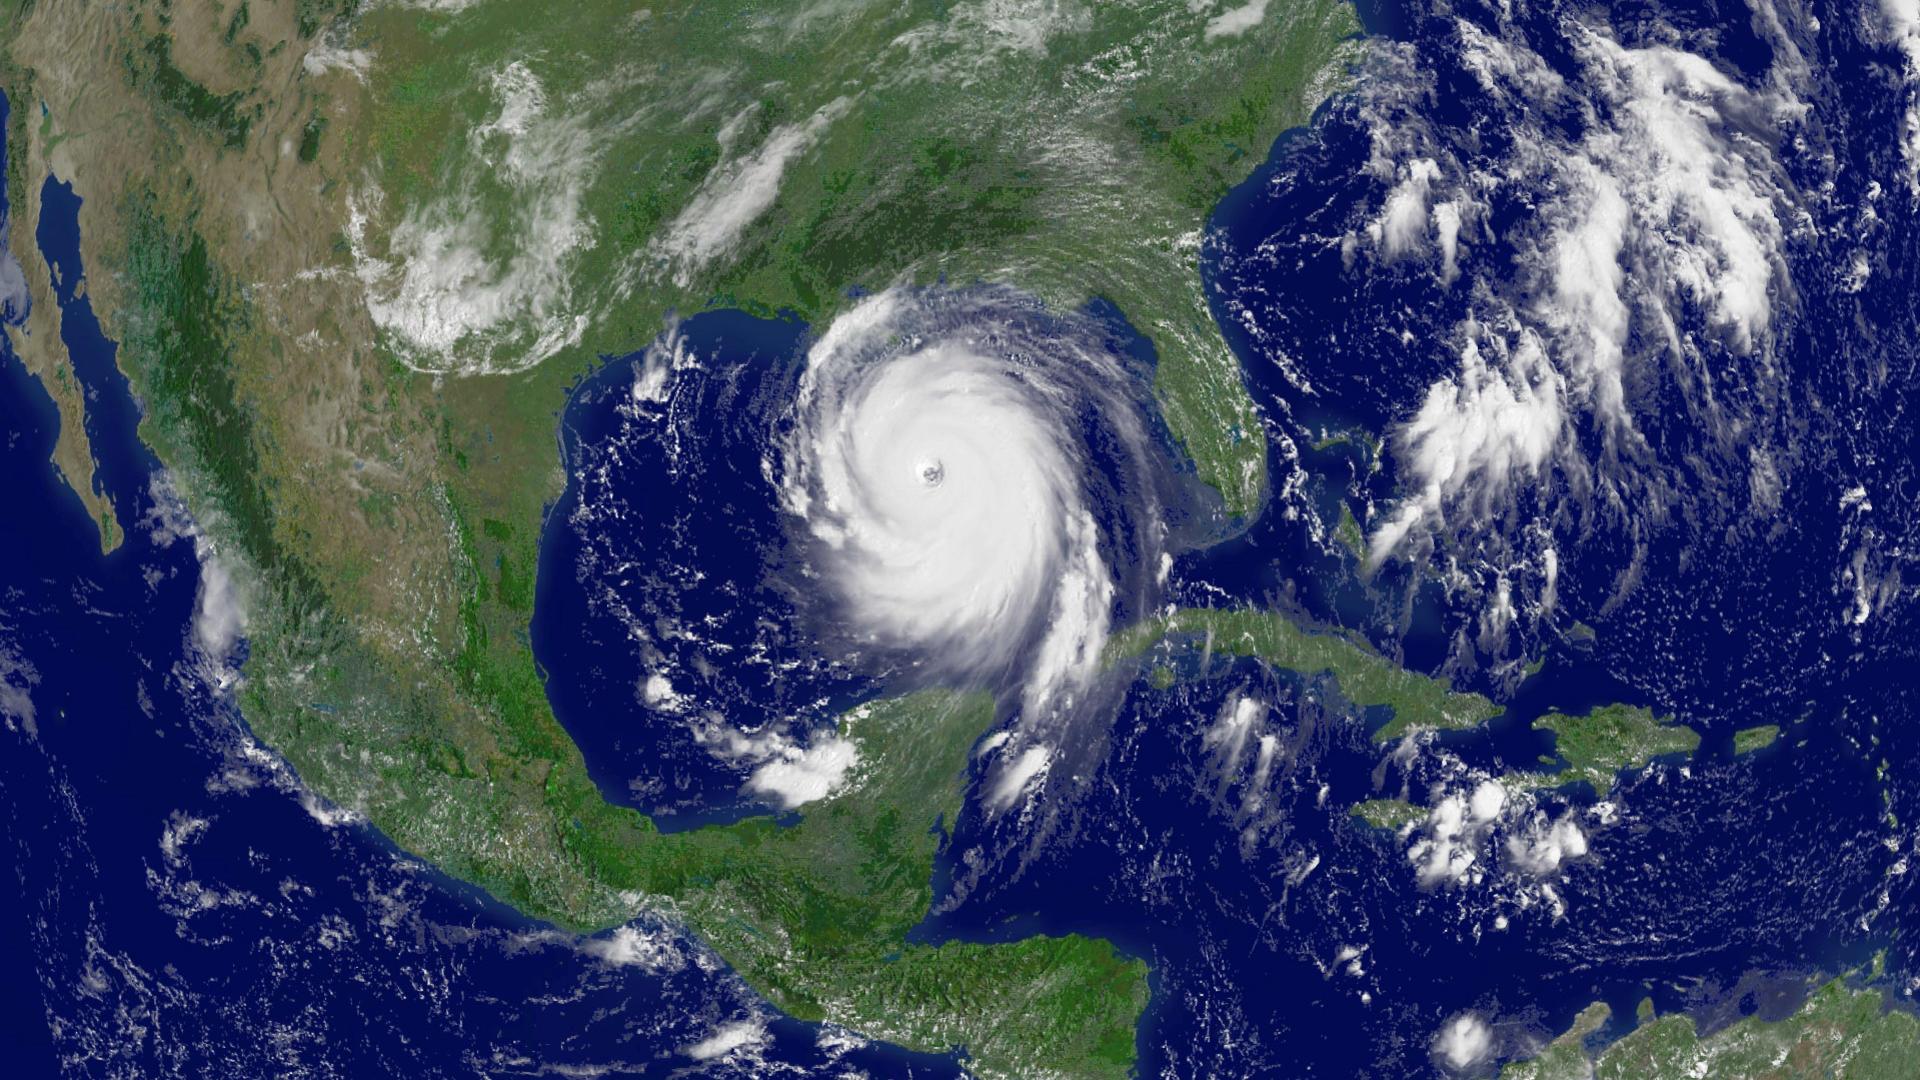 Satellite image of Hurrican Katrina making landfall in 2005